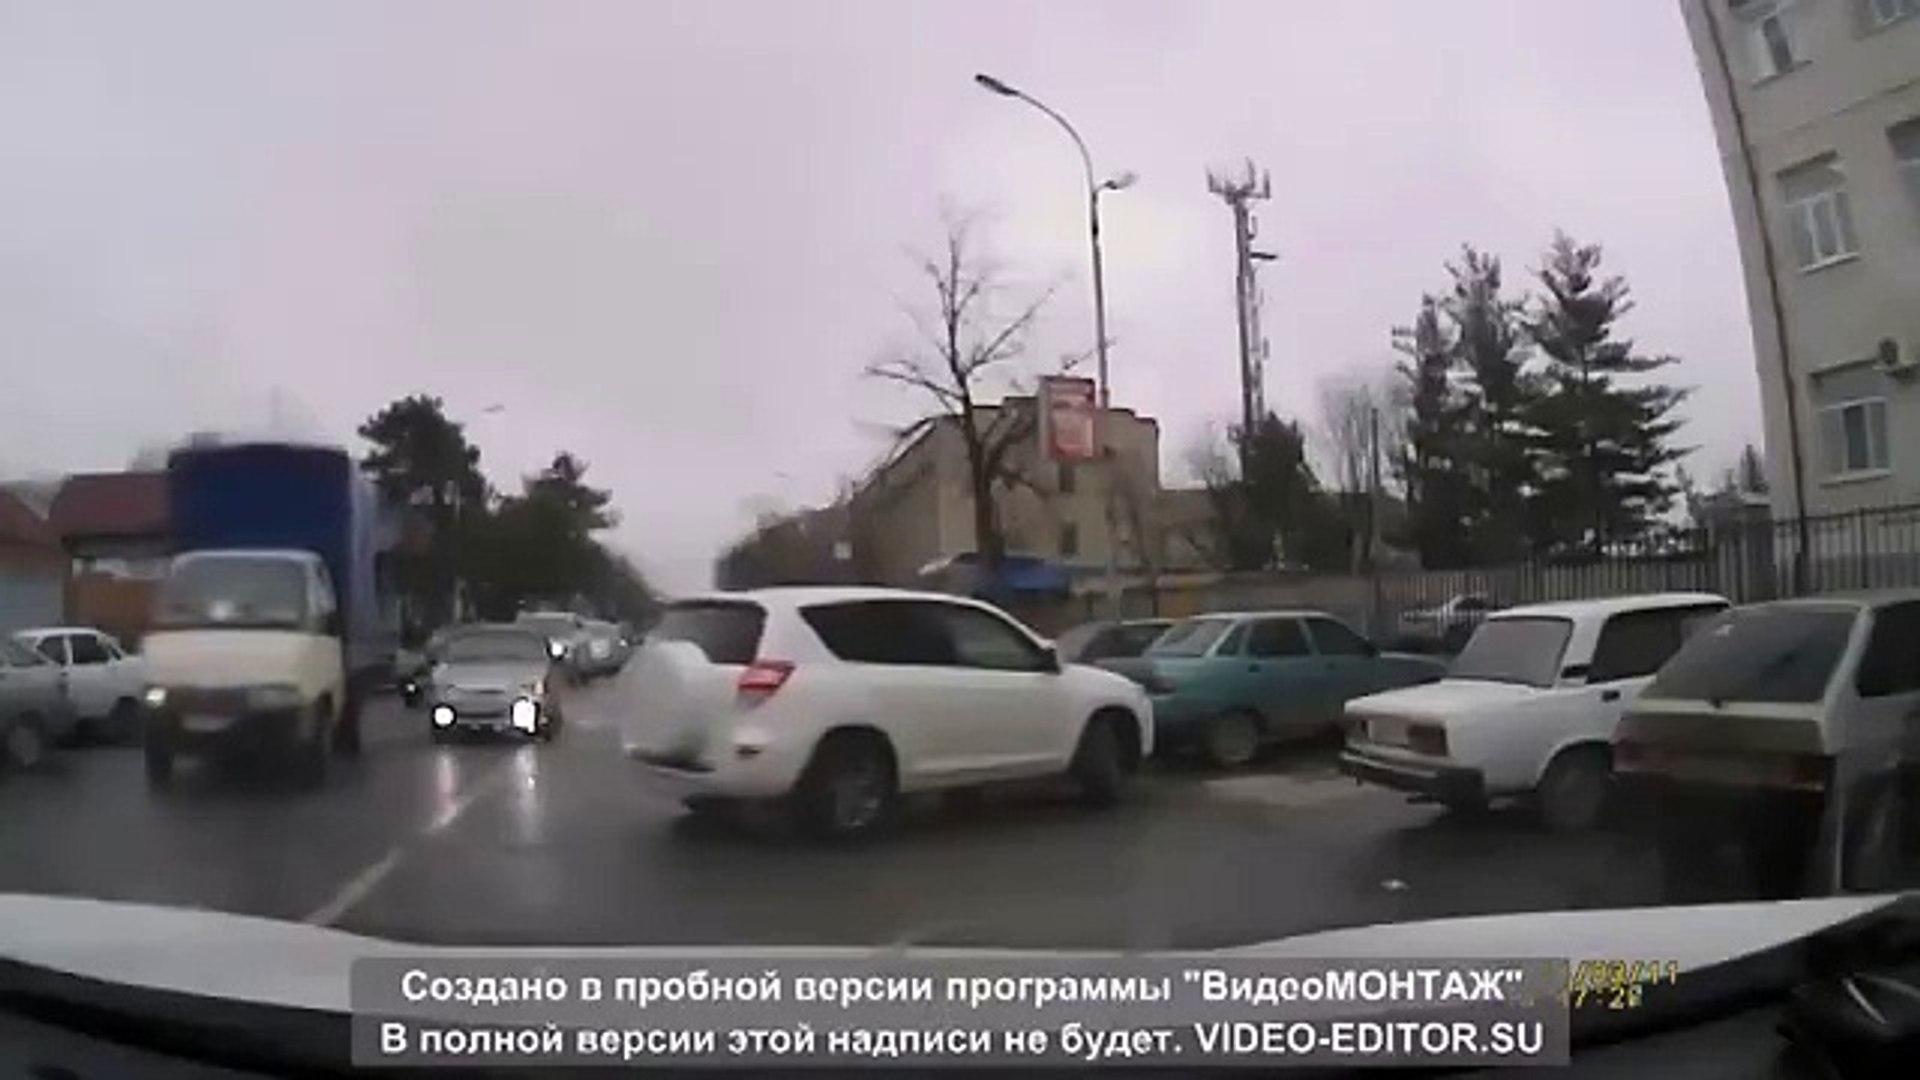 Права купила, а водить не купила, не продали!))))